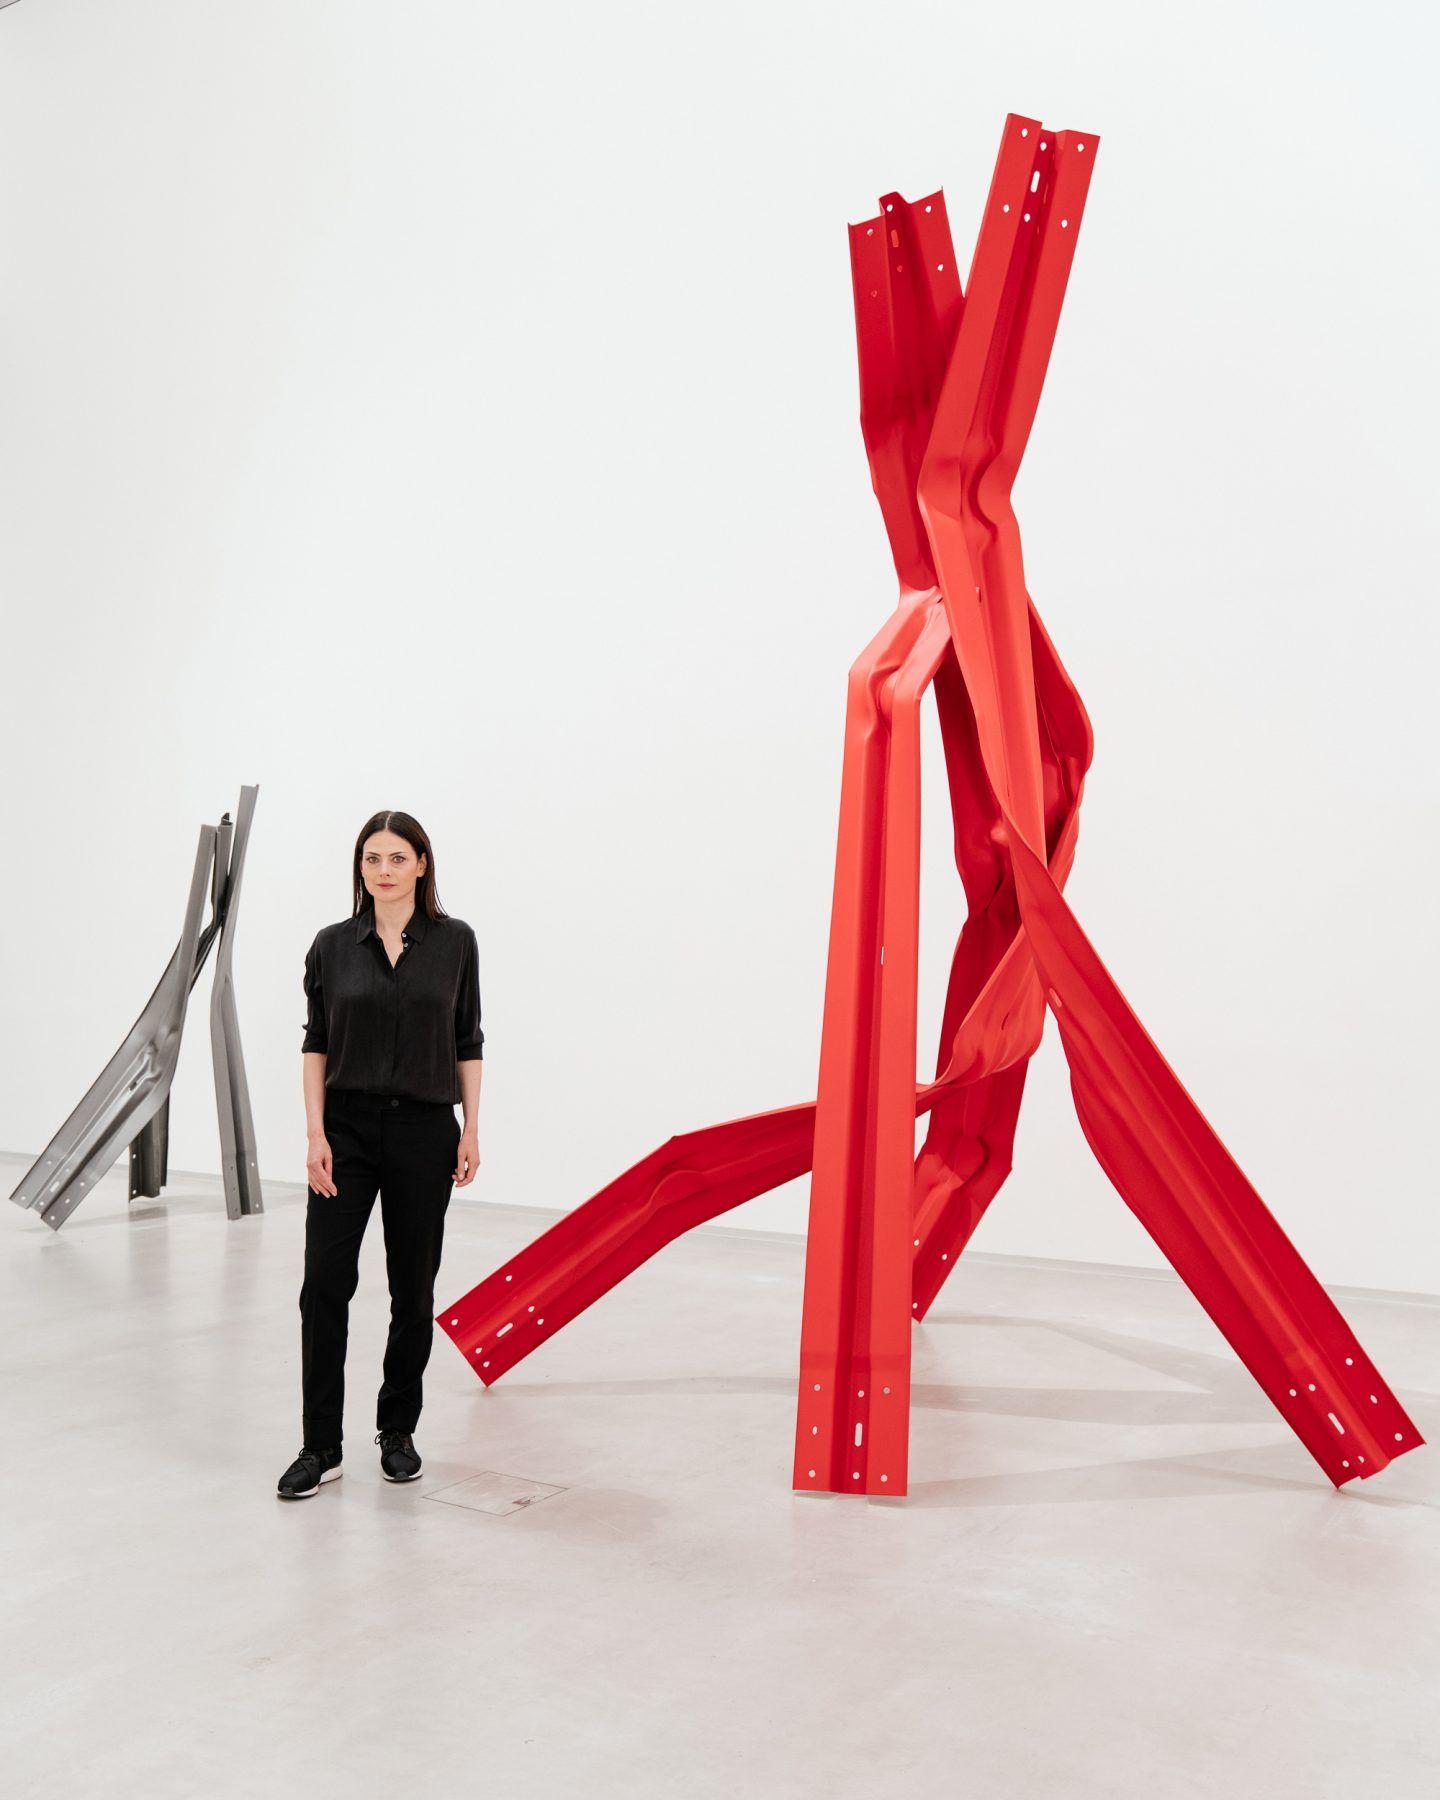 IGNANT-Art-Exhibition-Pousttchi-05